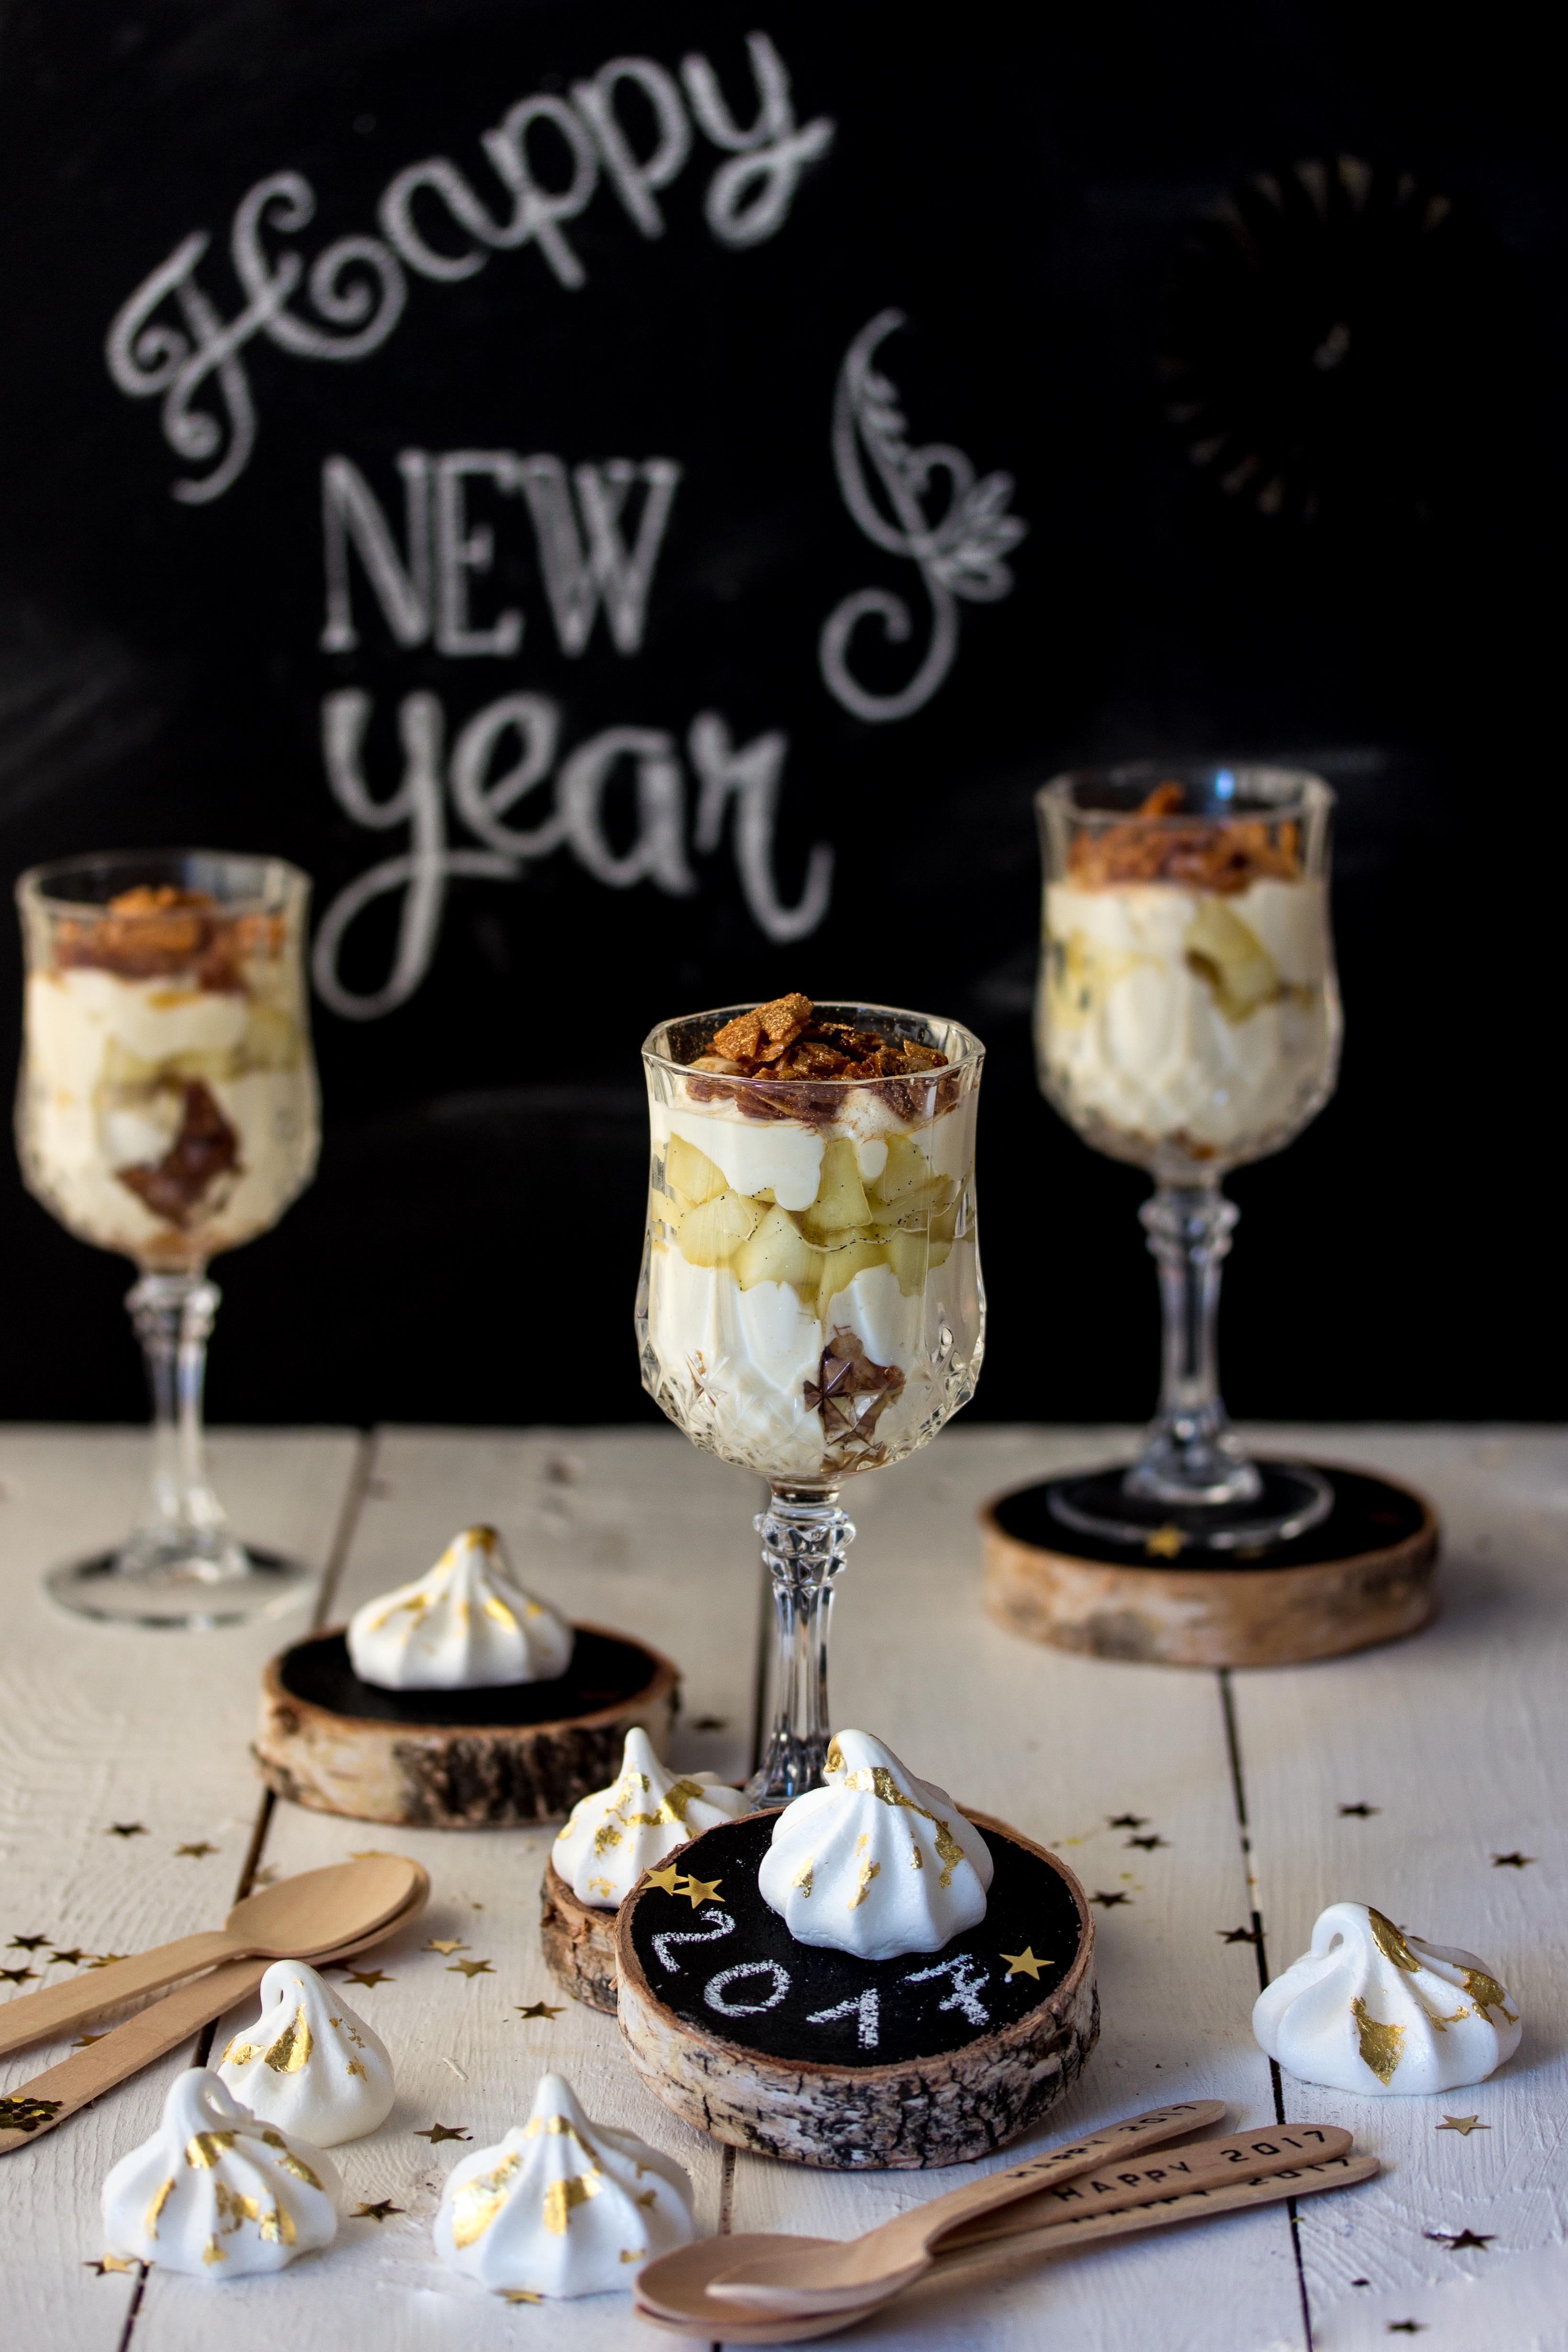 Silvester Dessert: Apfel Bienenstich im Glas Rezept einfach lecker #silvester #newyearseve #dessert #dessertinajar